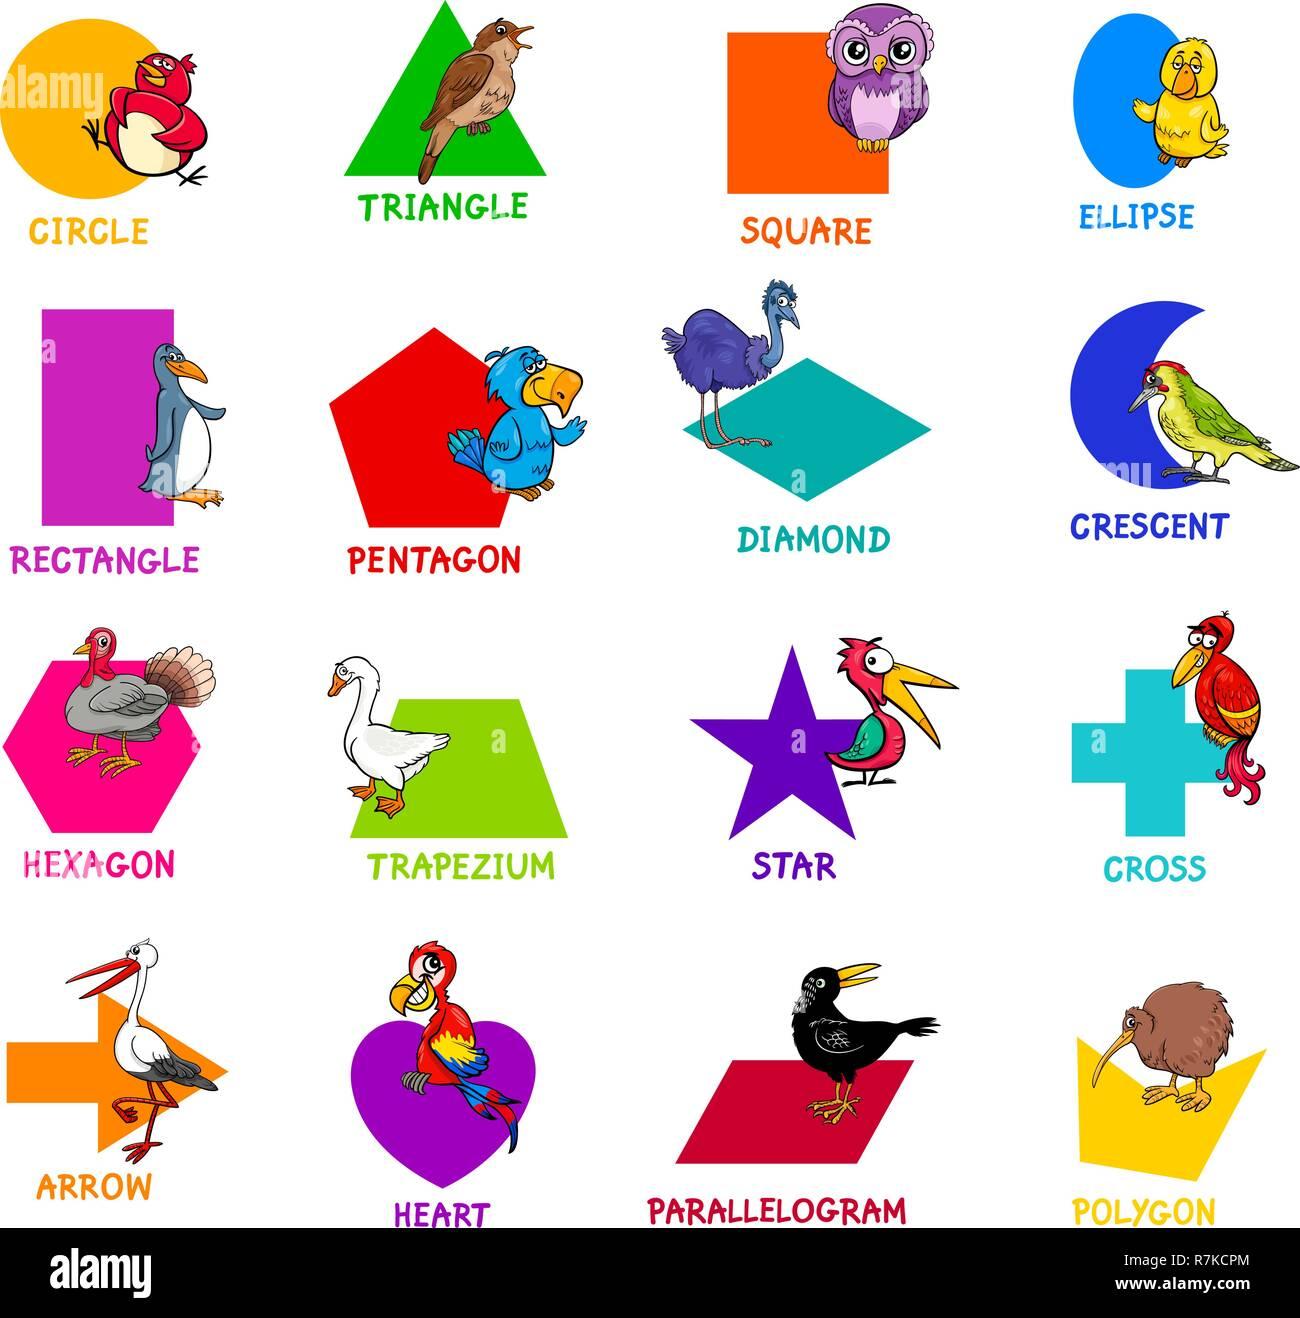 Ilustración De Dibujos Animados Educativos De Formas Geométricas